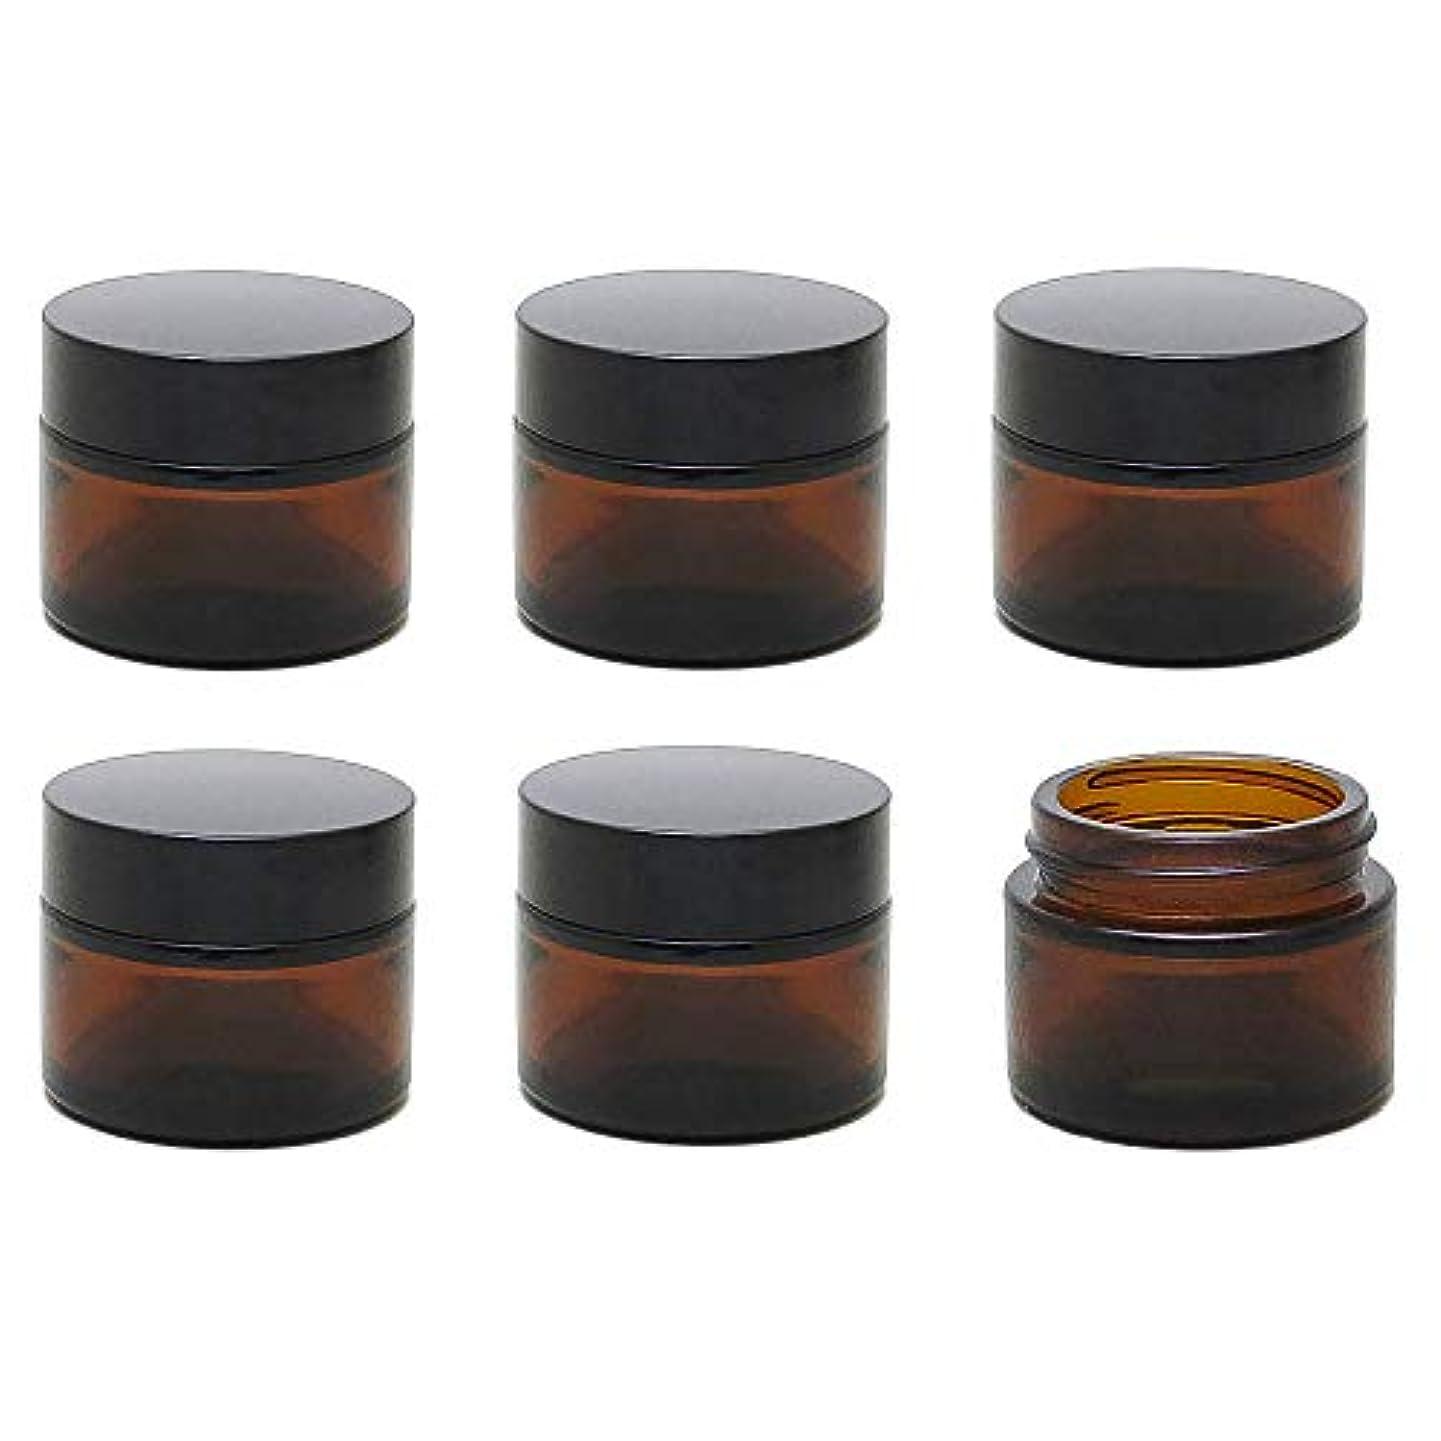 ポンペイ辛いセンブランス遮光瓶 クリーム容器 ガラス製 ブラウン 6個 セット